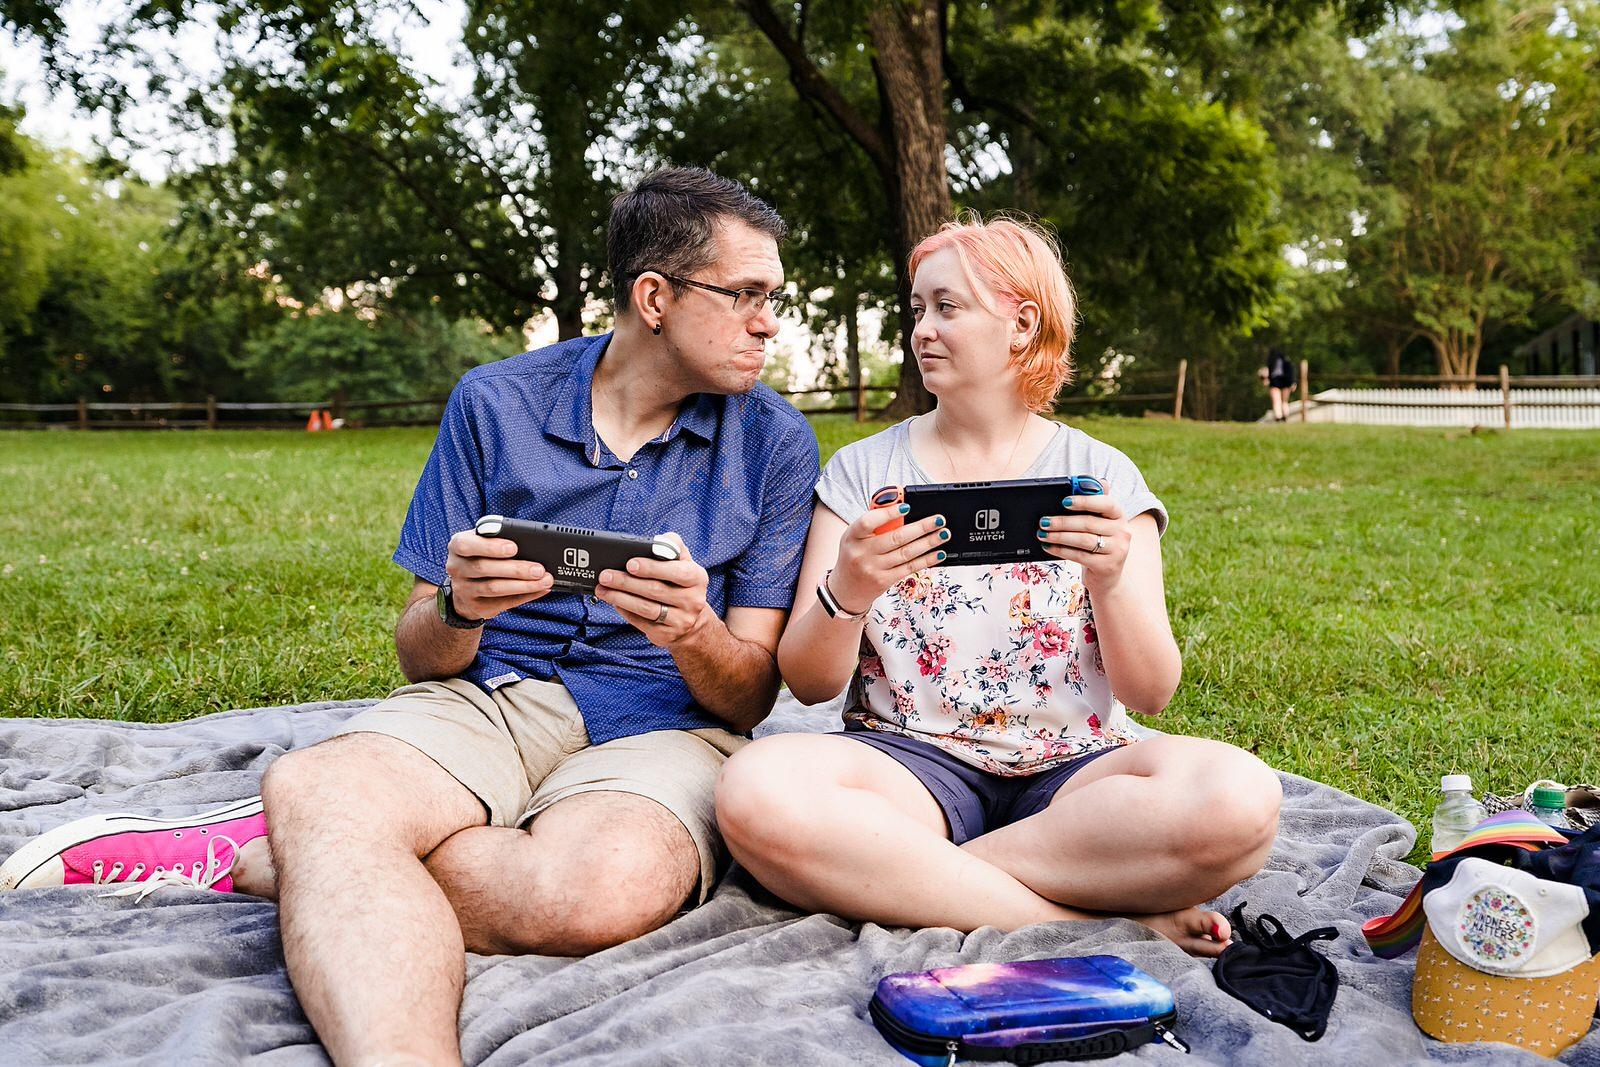 Nerdy Engagement Photos at the Eno River - Kivus & Camera